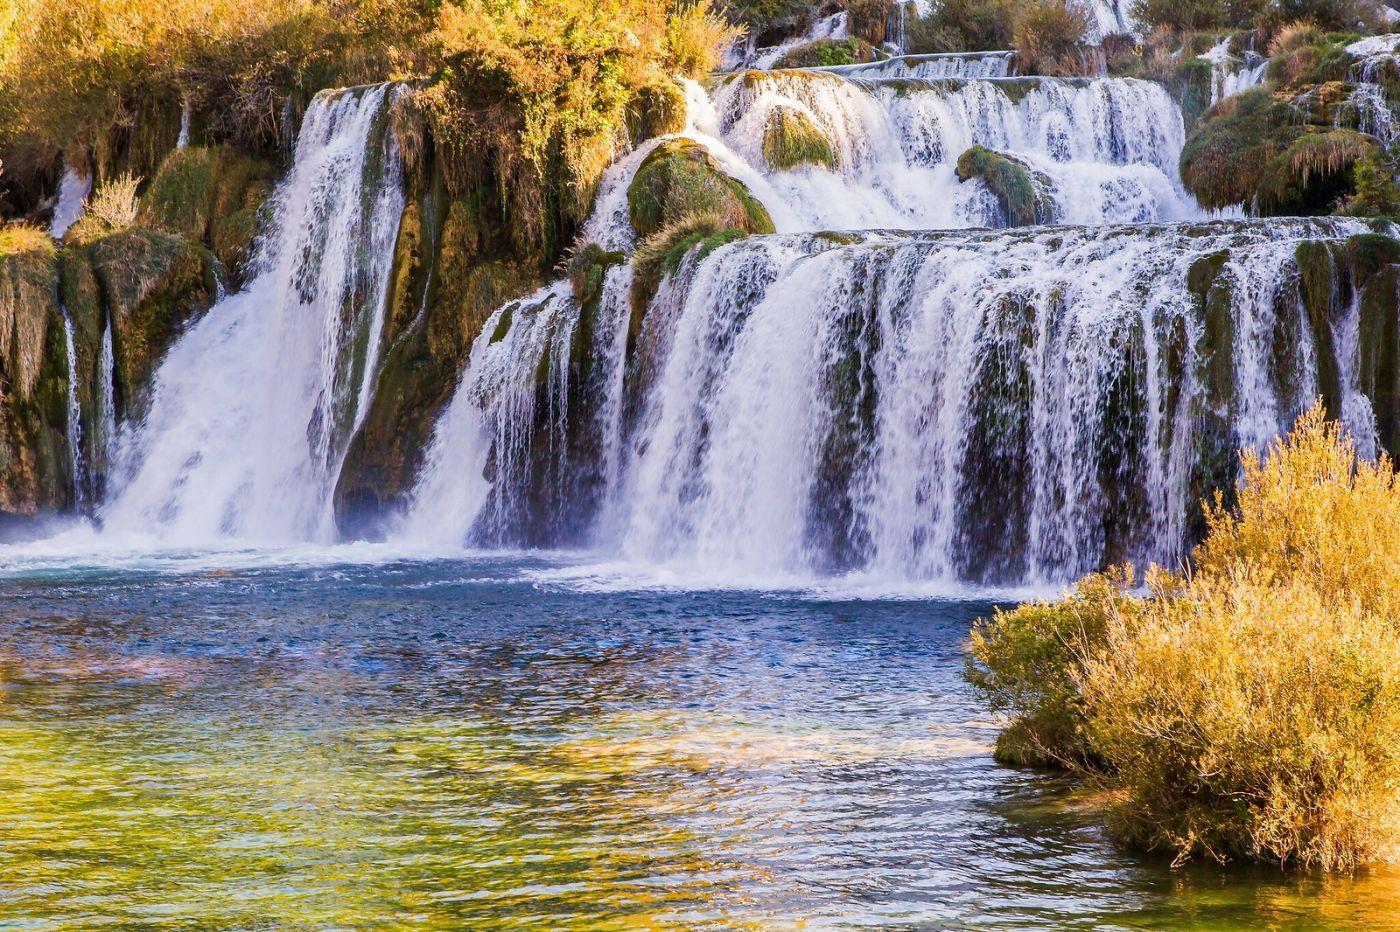 克罗地亚克尔卡国家公园(Krka National Park),瀑布瀑布瀑布_图1-1